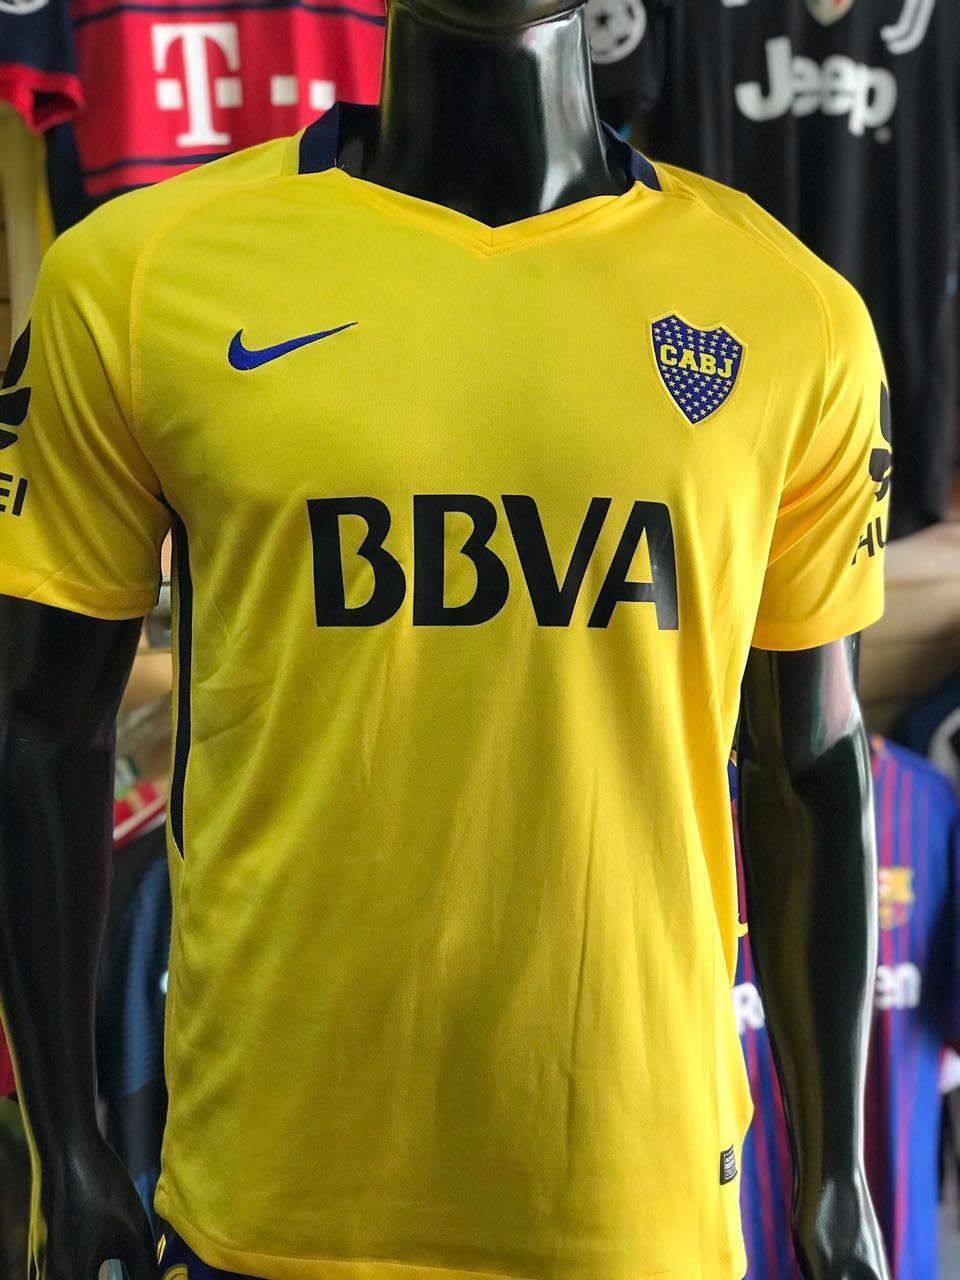 8144b3128037f Camiseta Boca Juniors Alternativa 2017-2018 - Fútbol de Primera